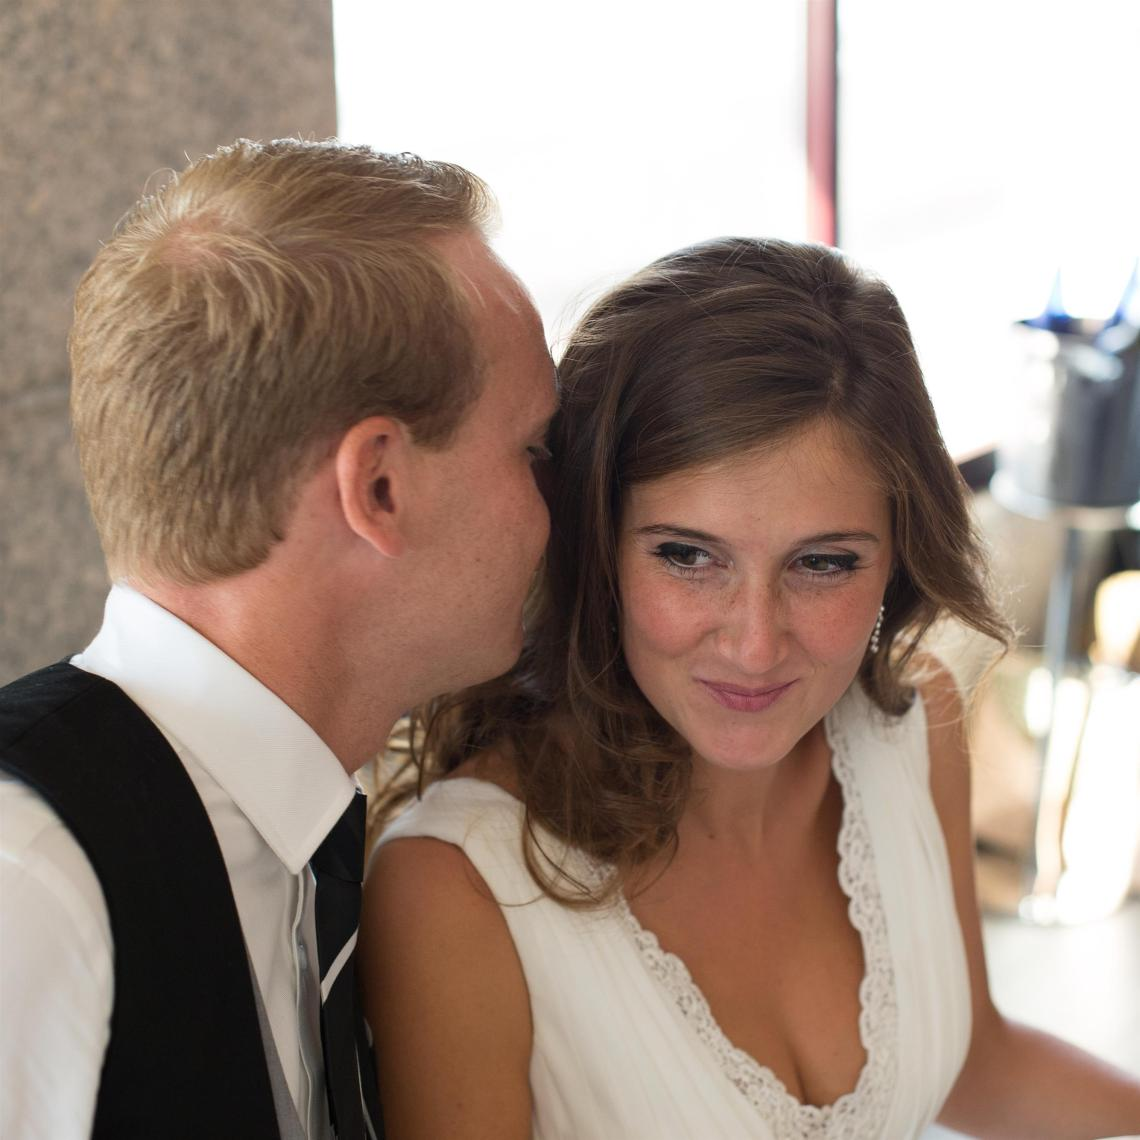 boda-espanola-sueca-ella-se-viste-de-blanco (26)